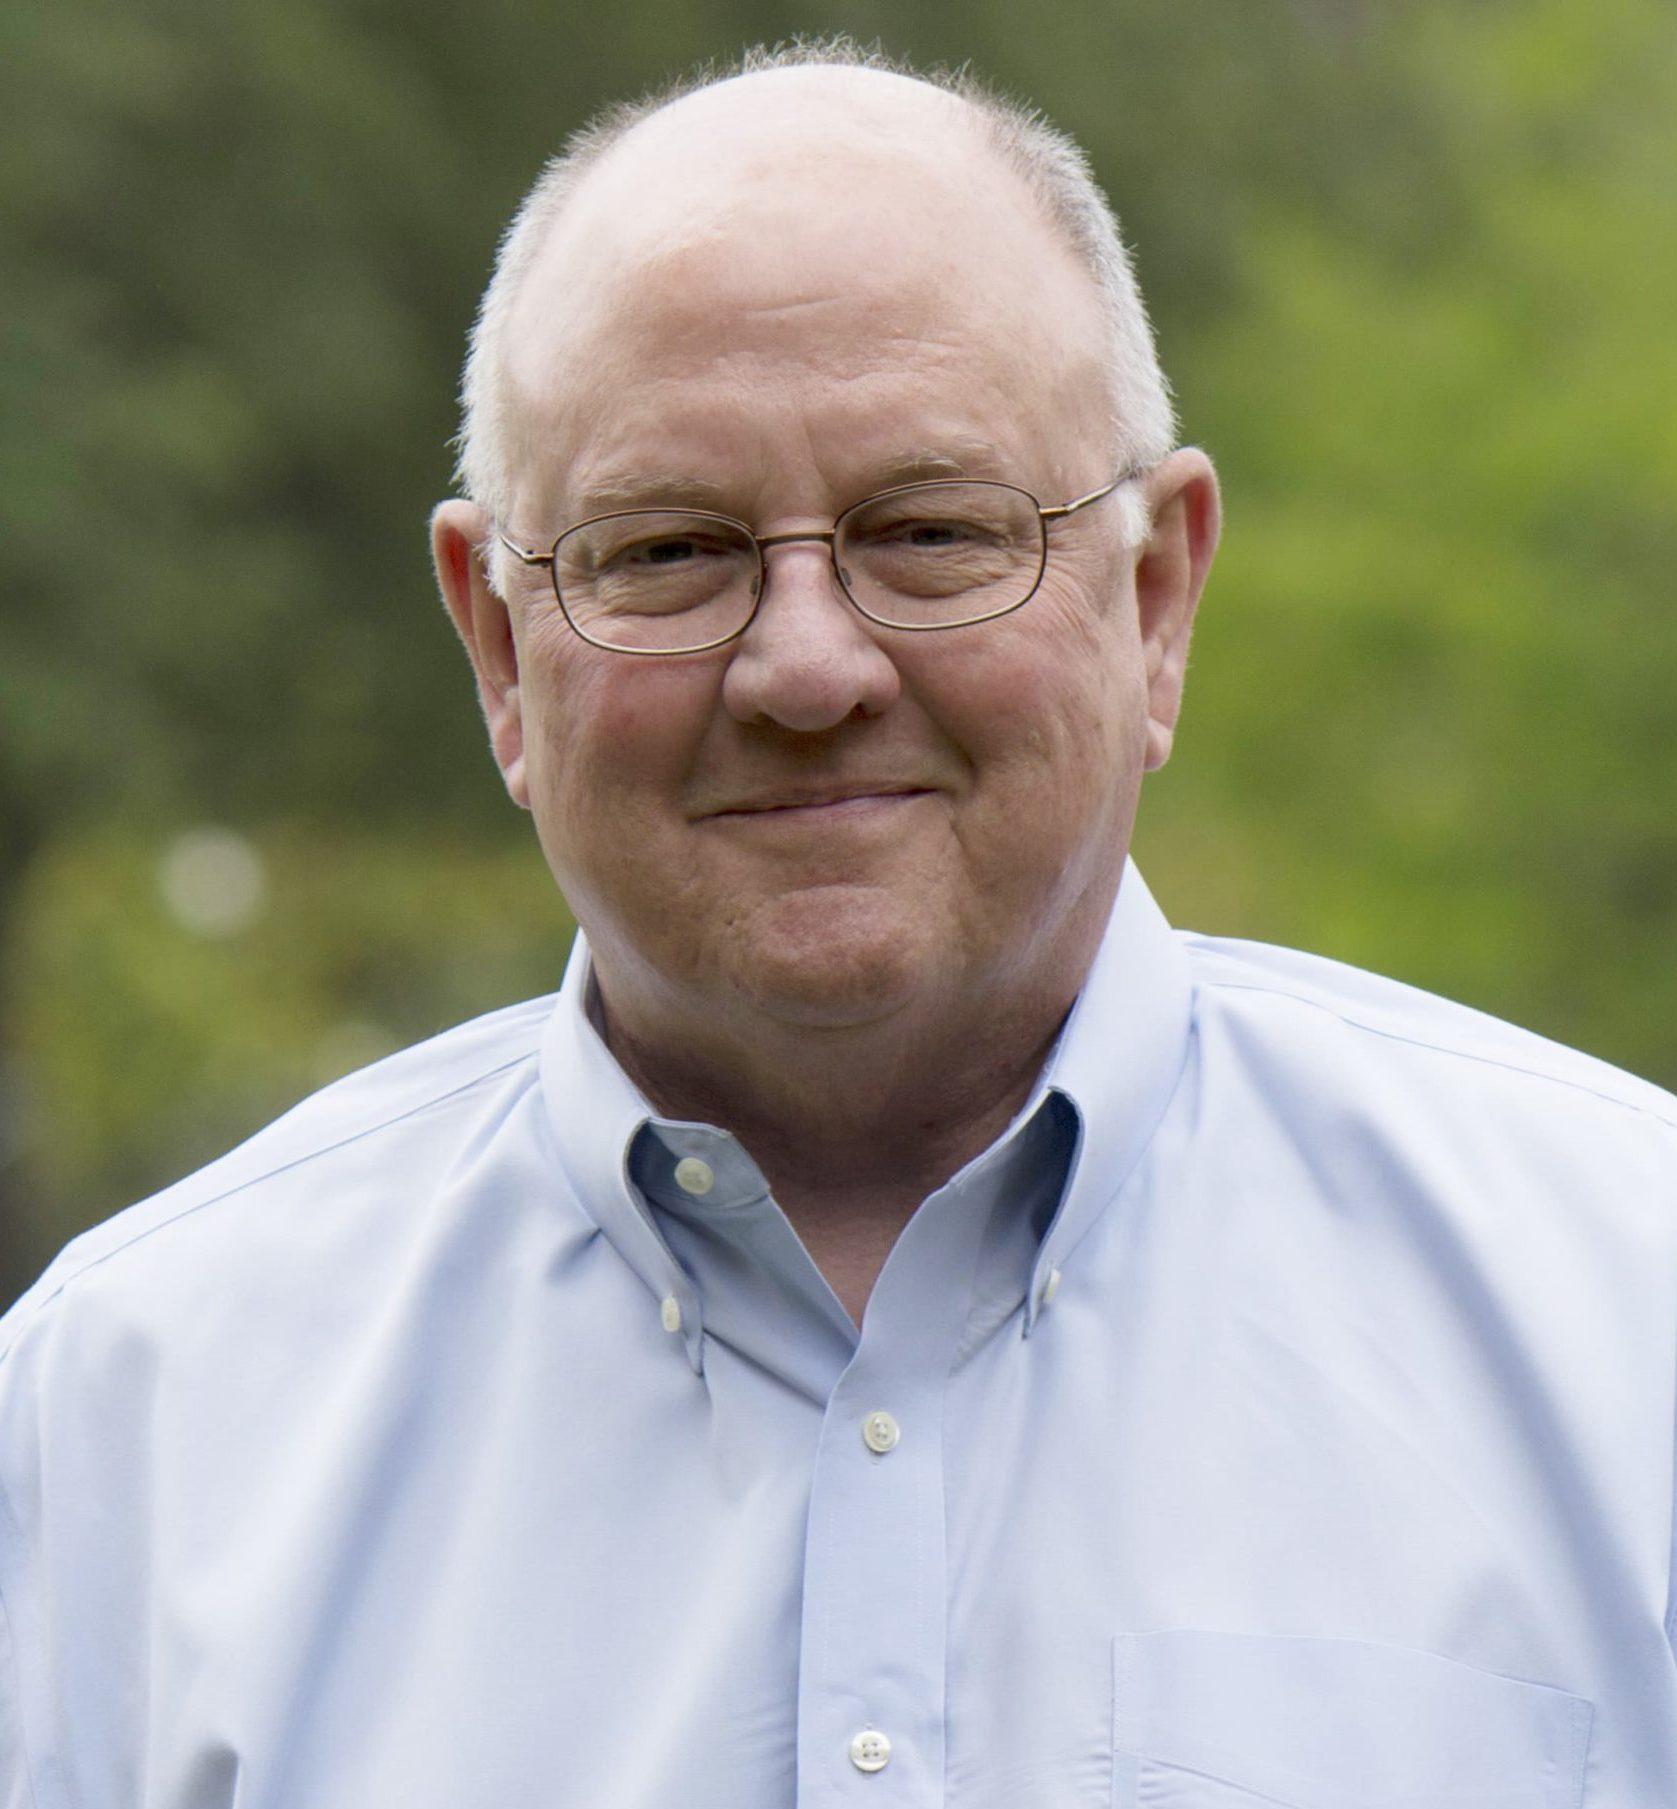 Robert Parr